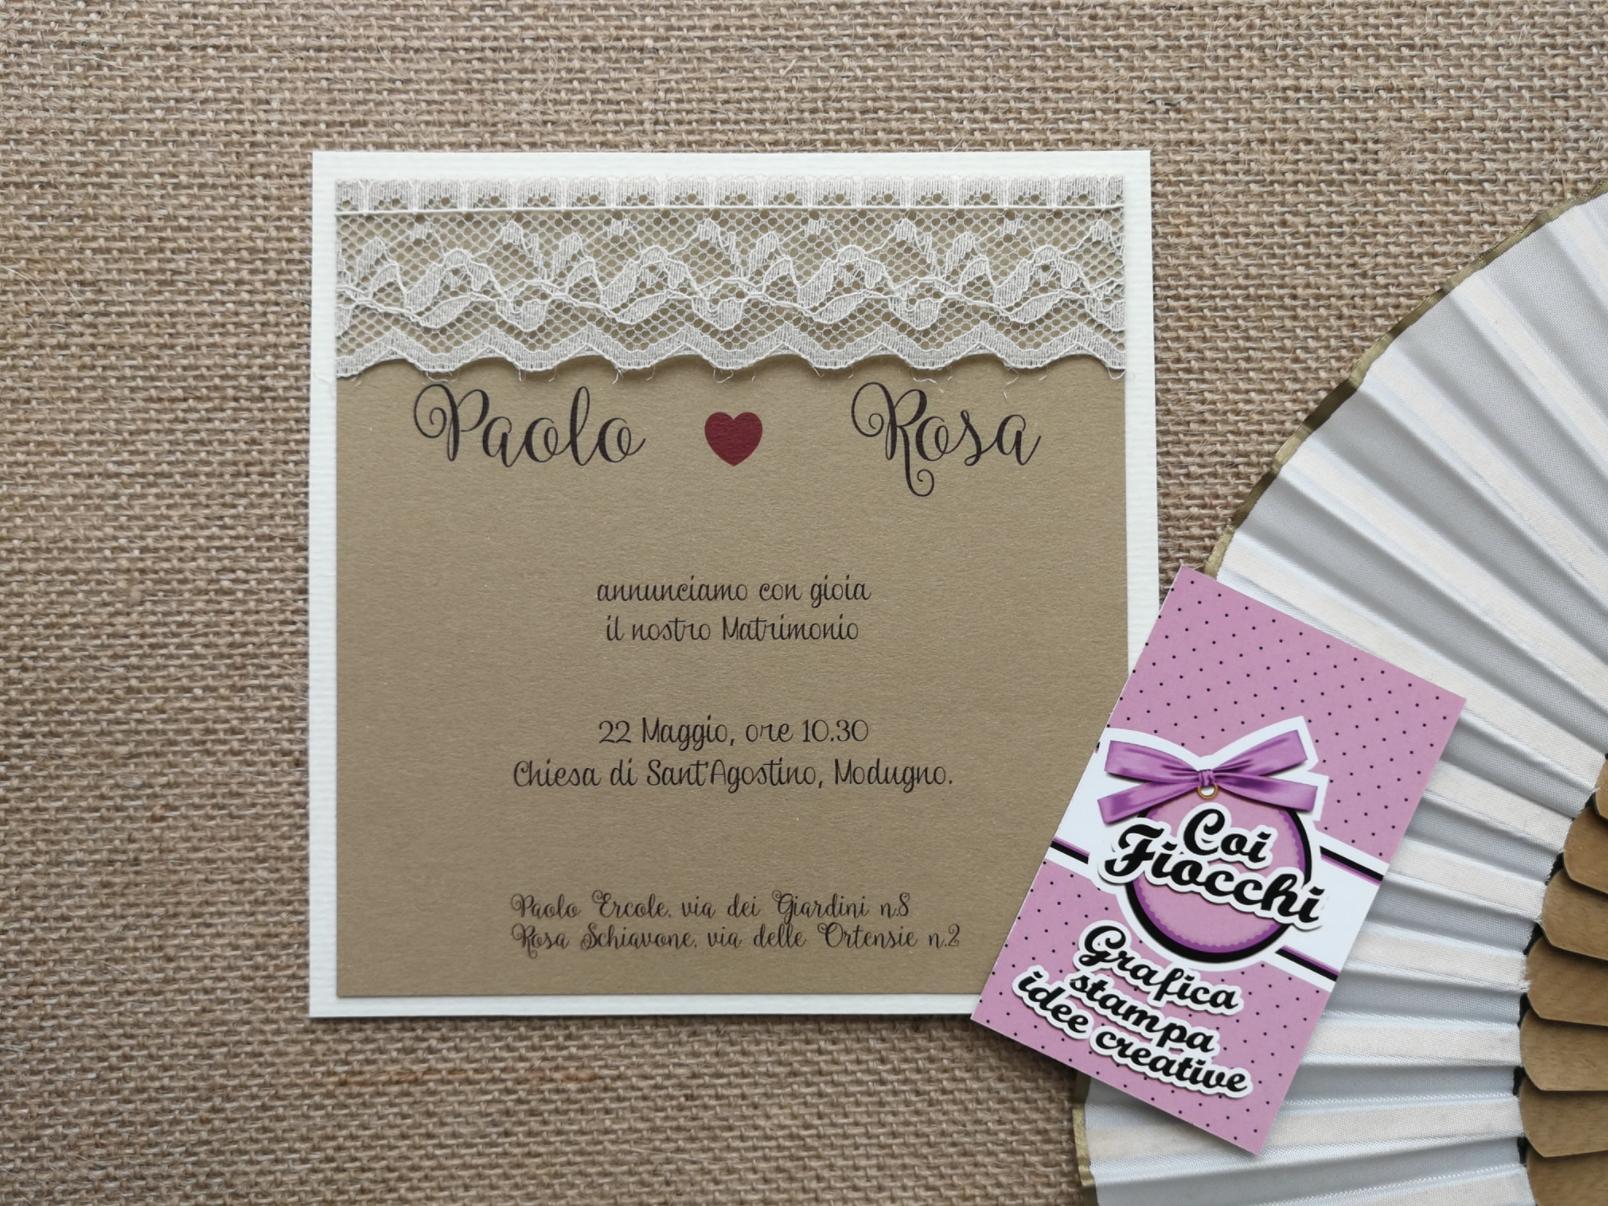 Partecipazione matrimonio shabby chic in carta kraft con pizzo.